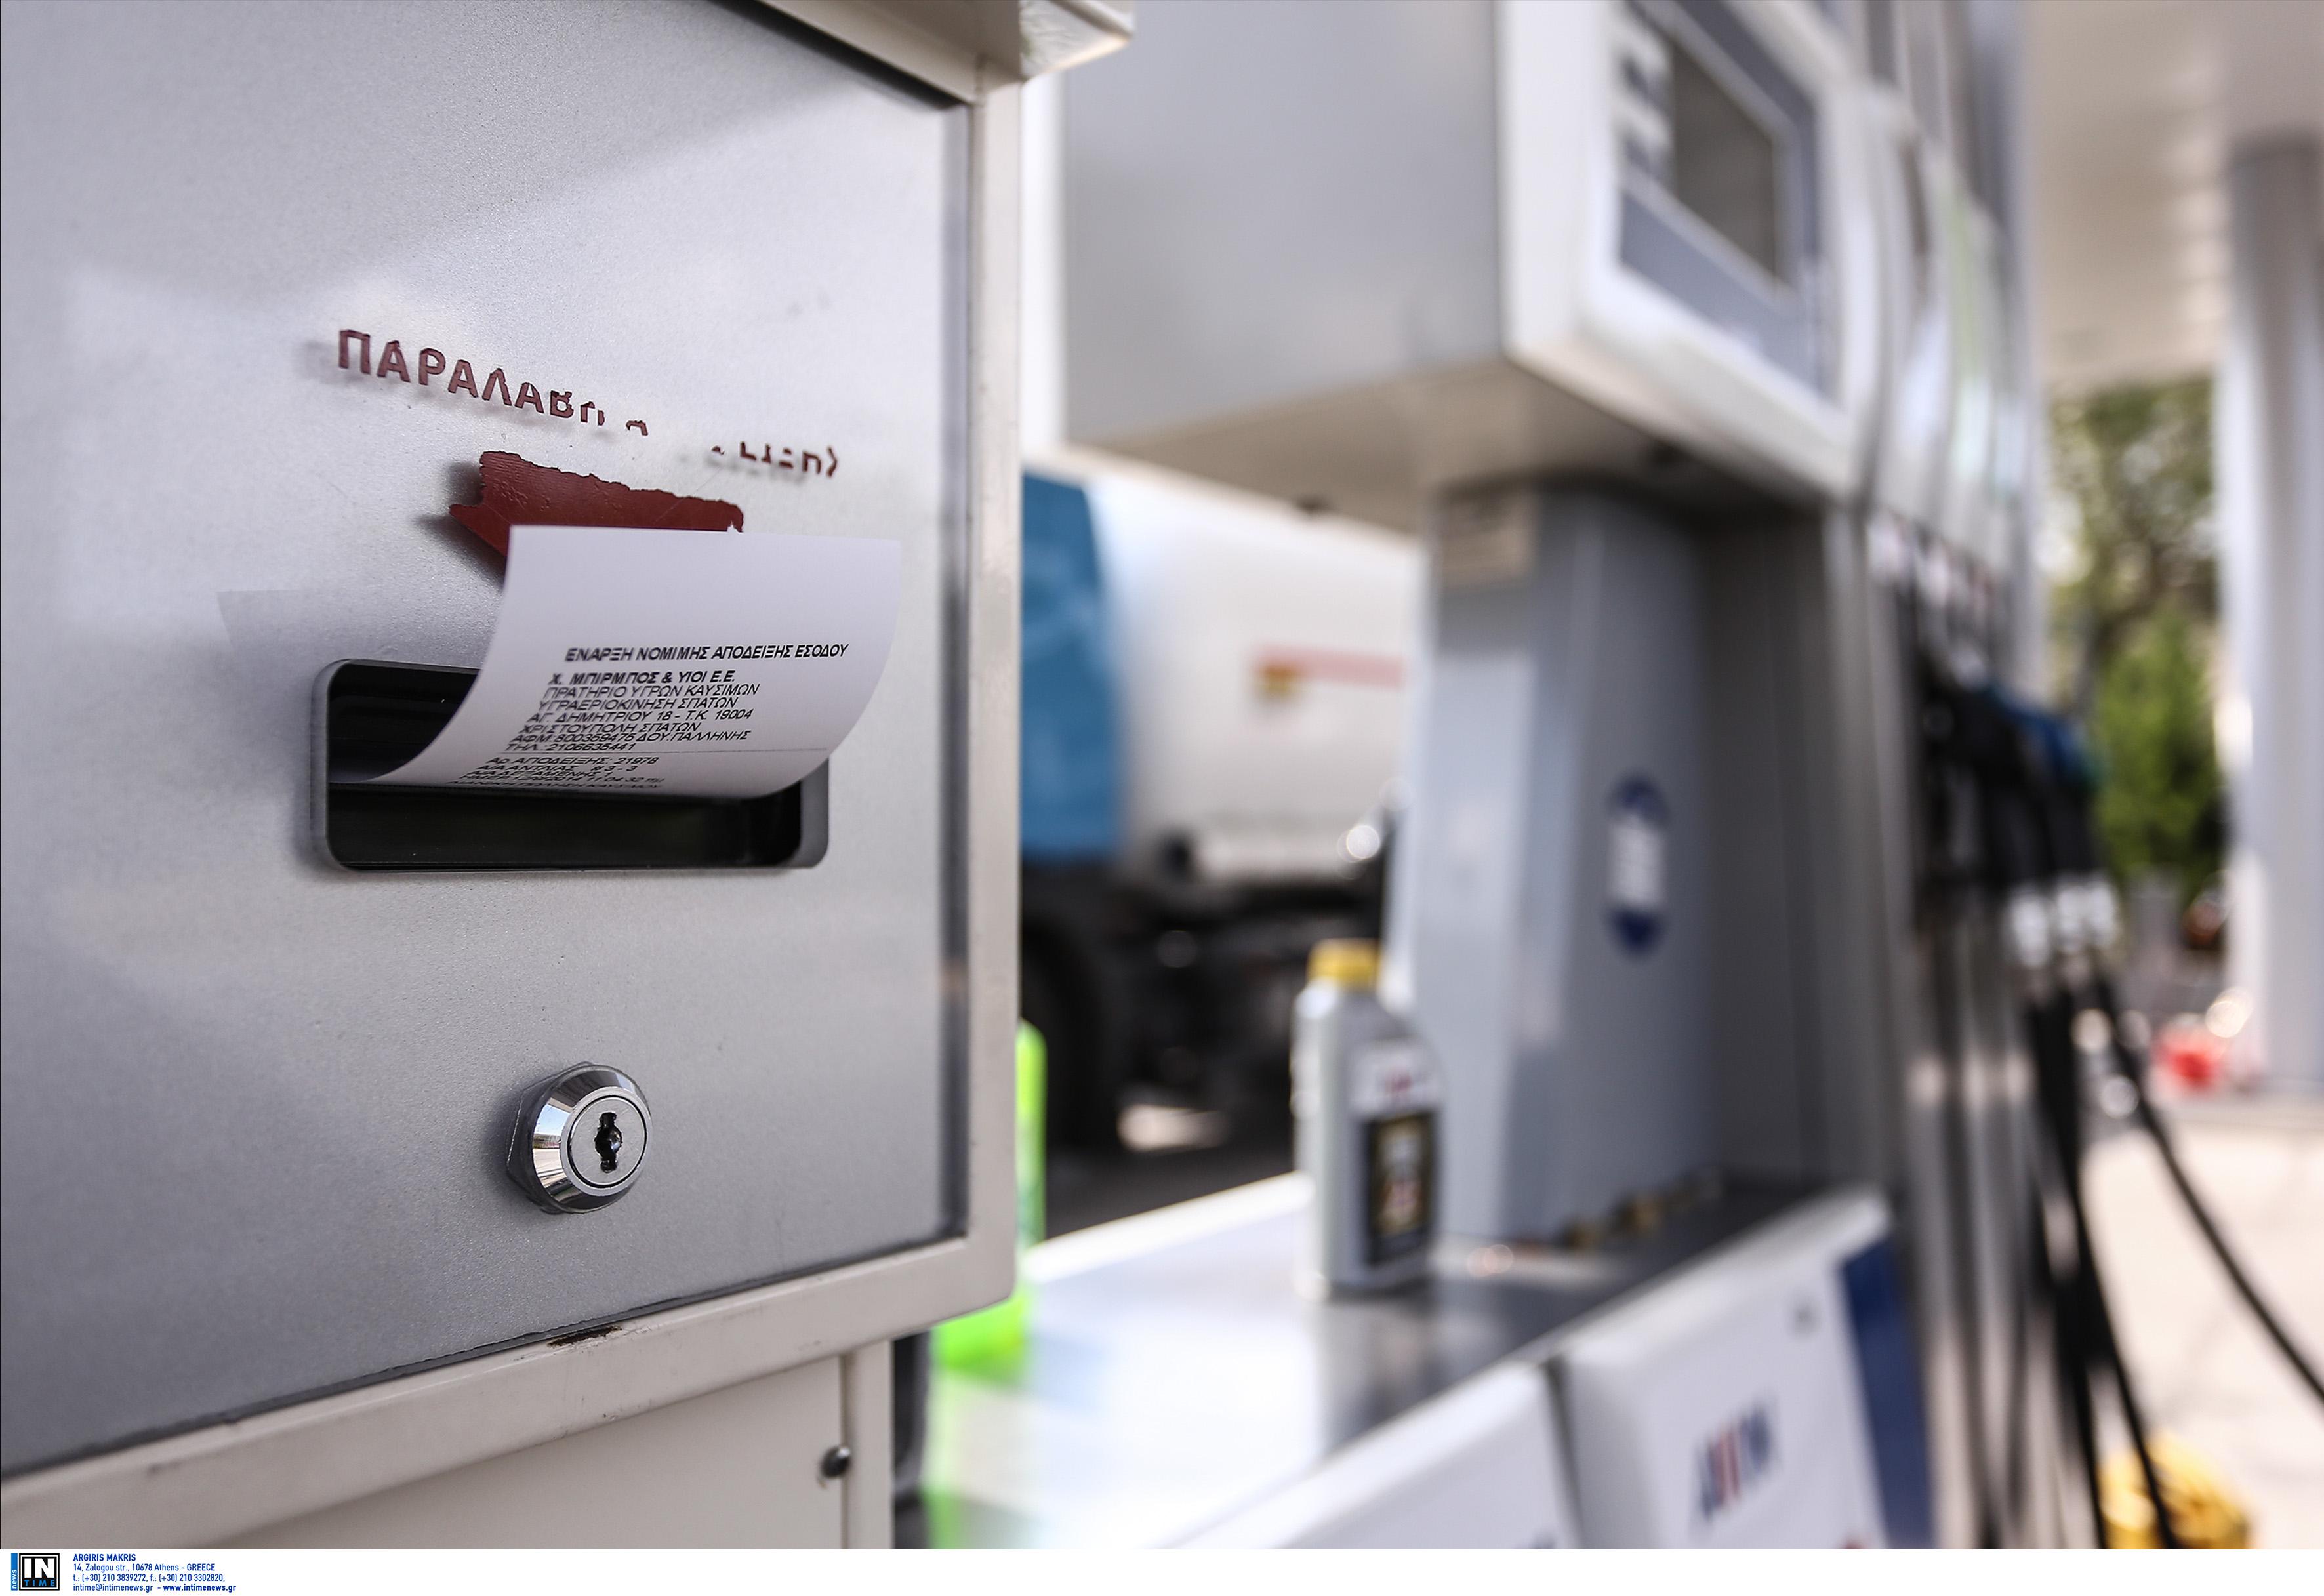 Σφράγιση πρατηρίου υγρών καυσίμων στην Αχαρνών | tovima.gr